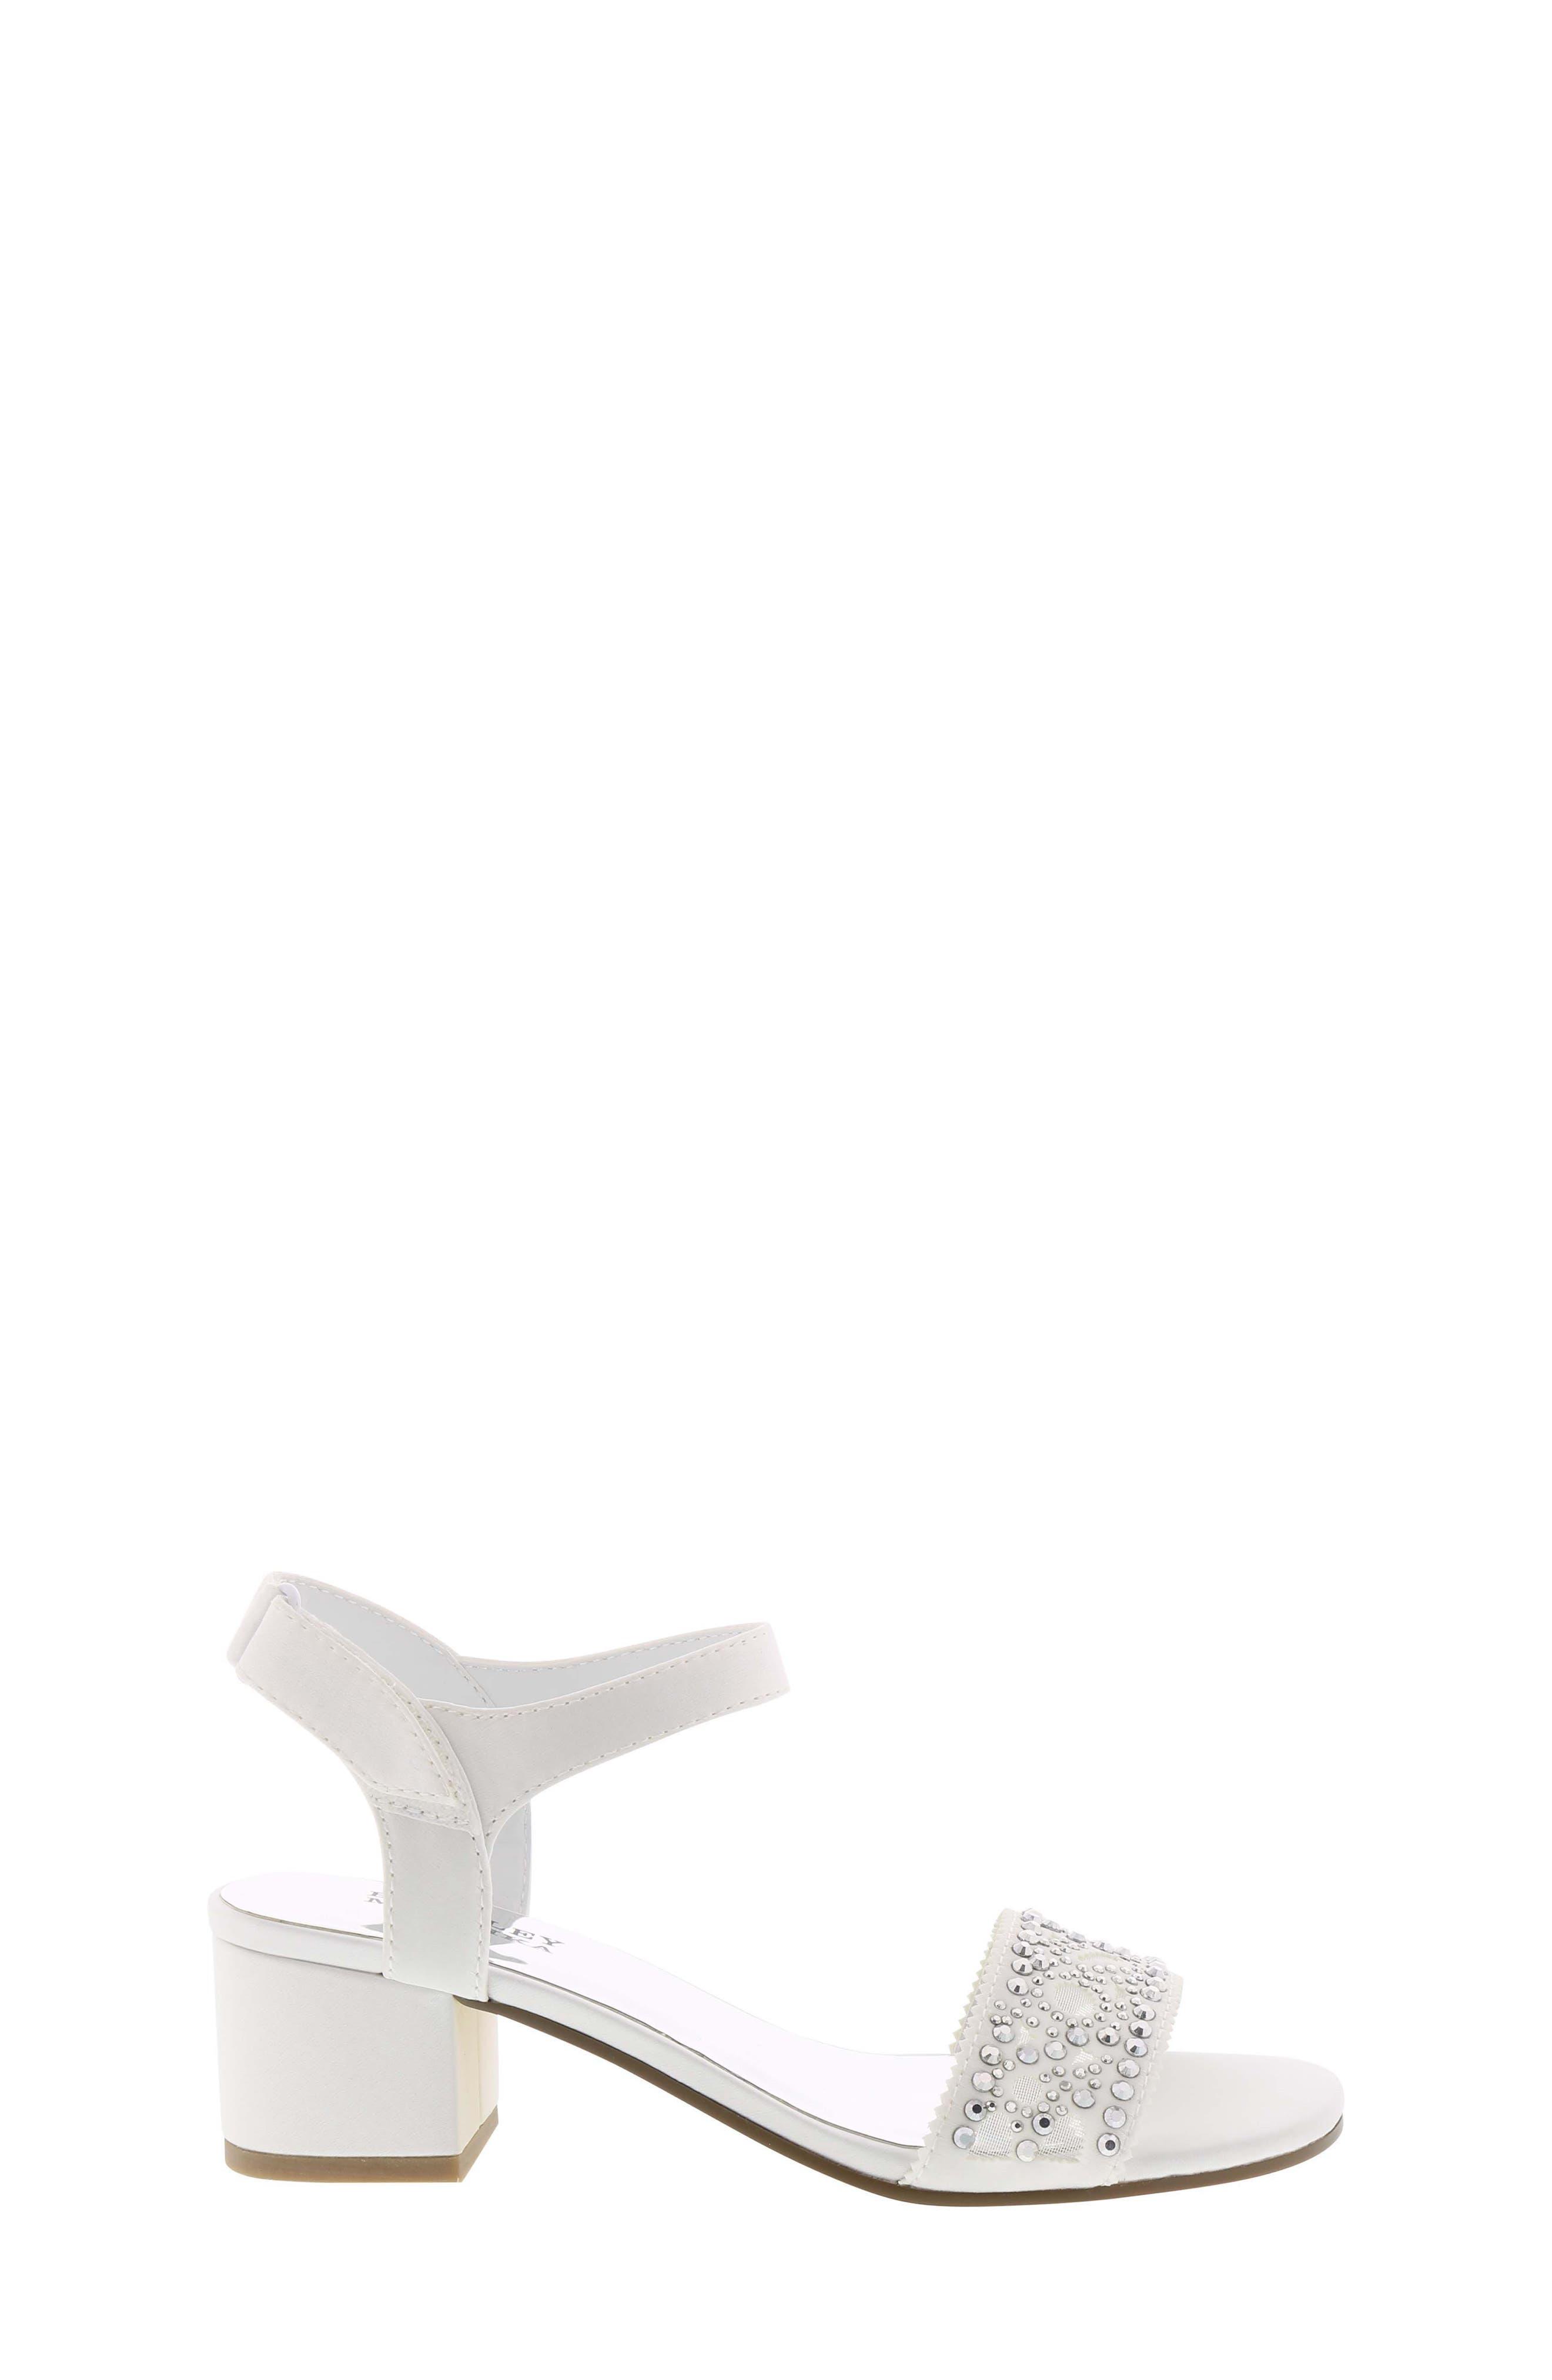 Ascot Gems Sandal,                             Alternate thumbnail 3, color,                             White